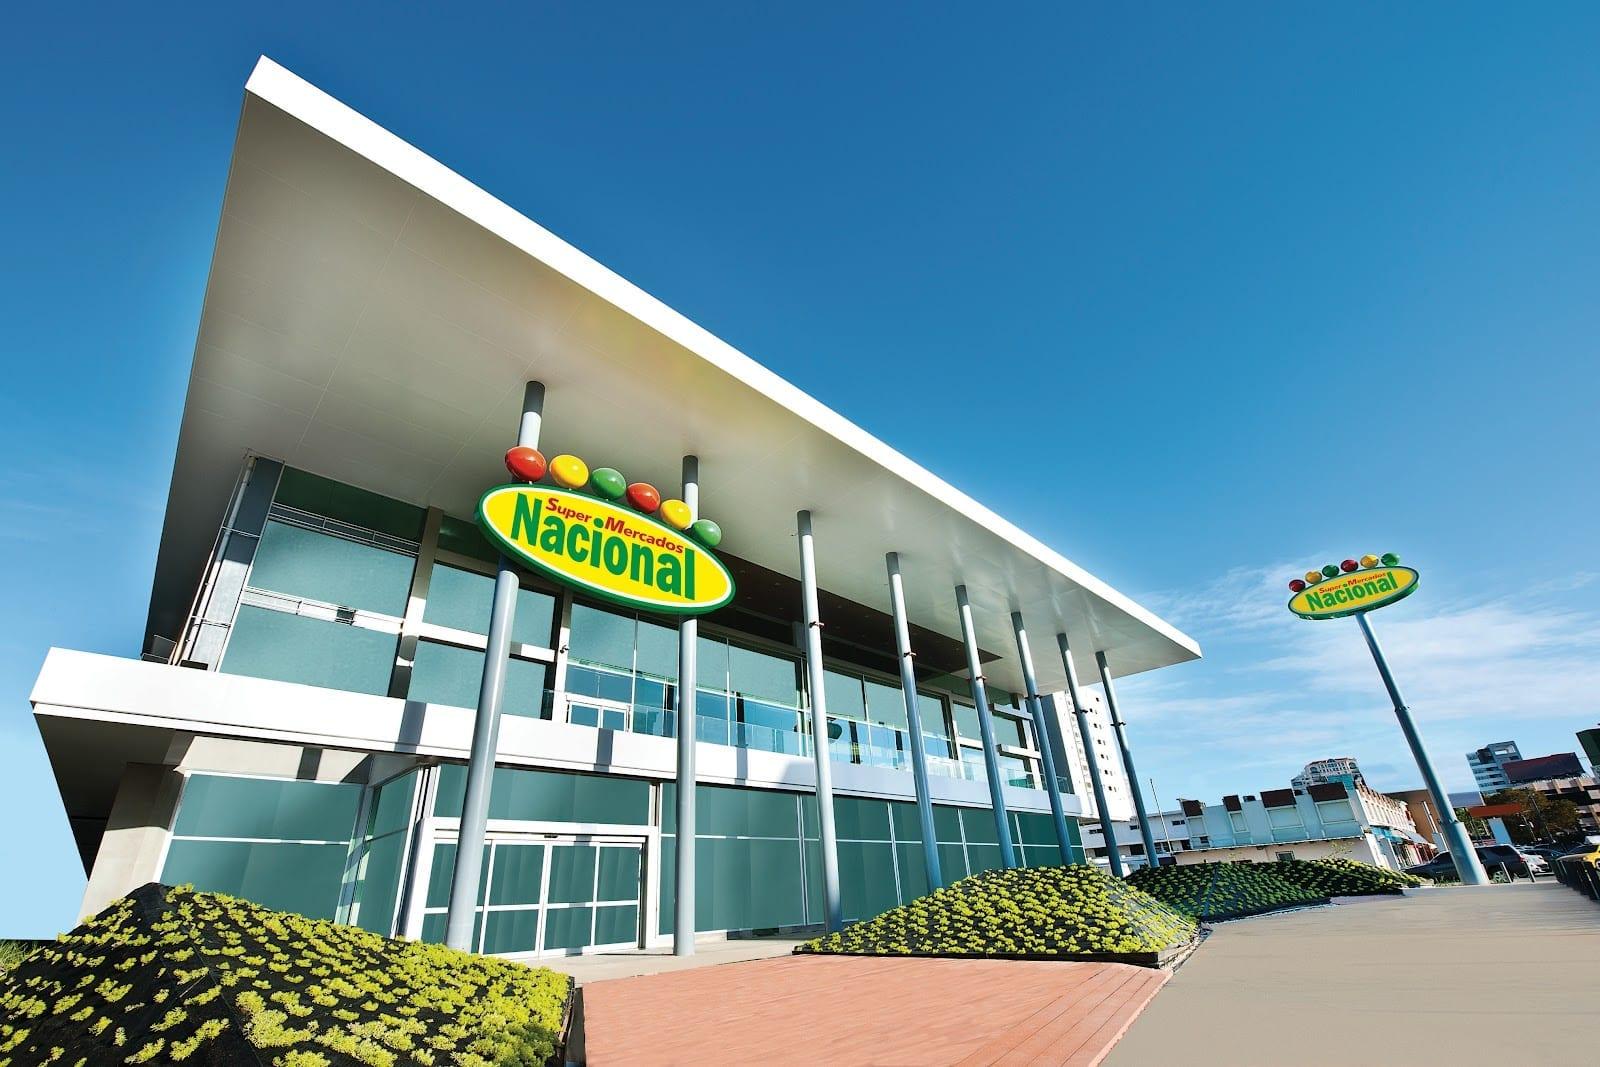 Centro Cuesta Nacional garantiza no habrá subidas de precios